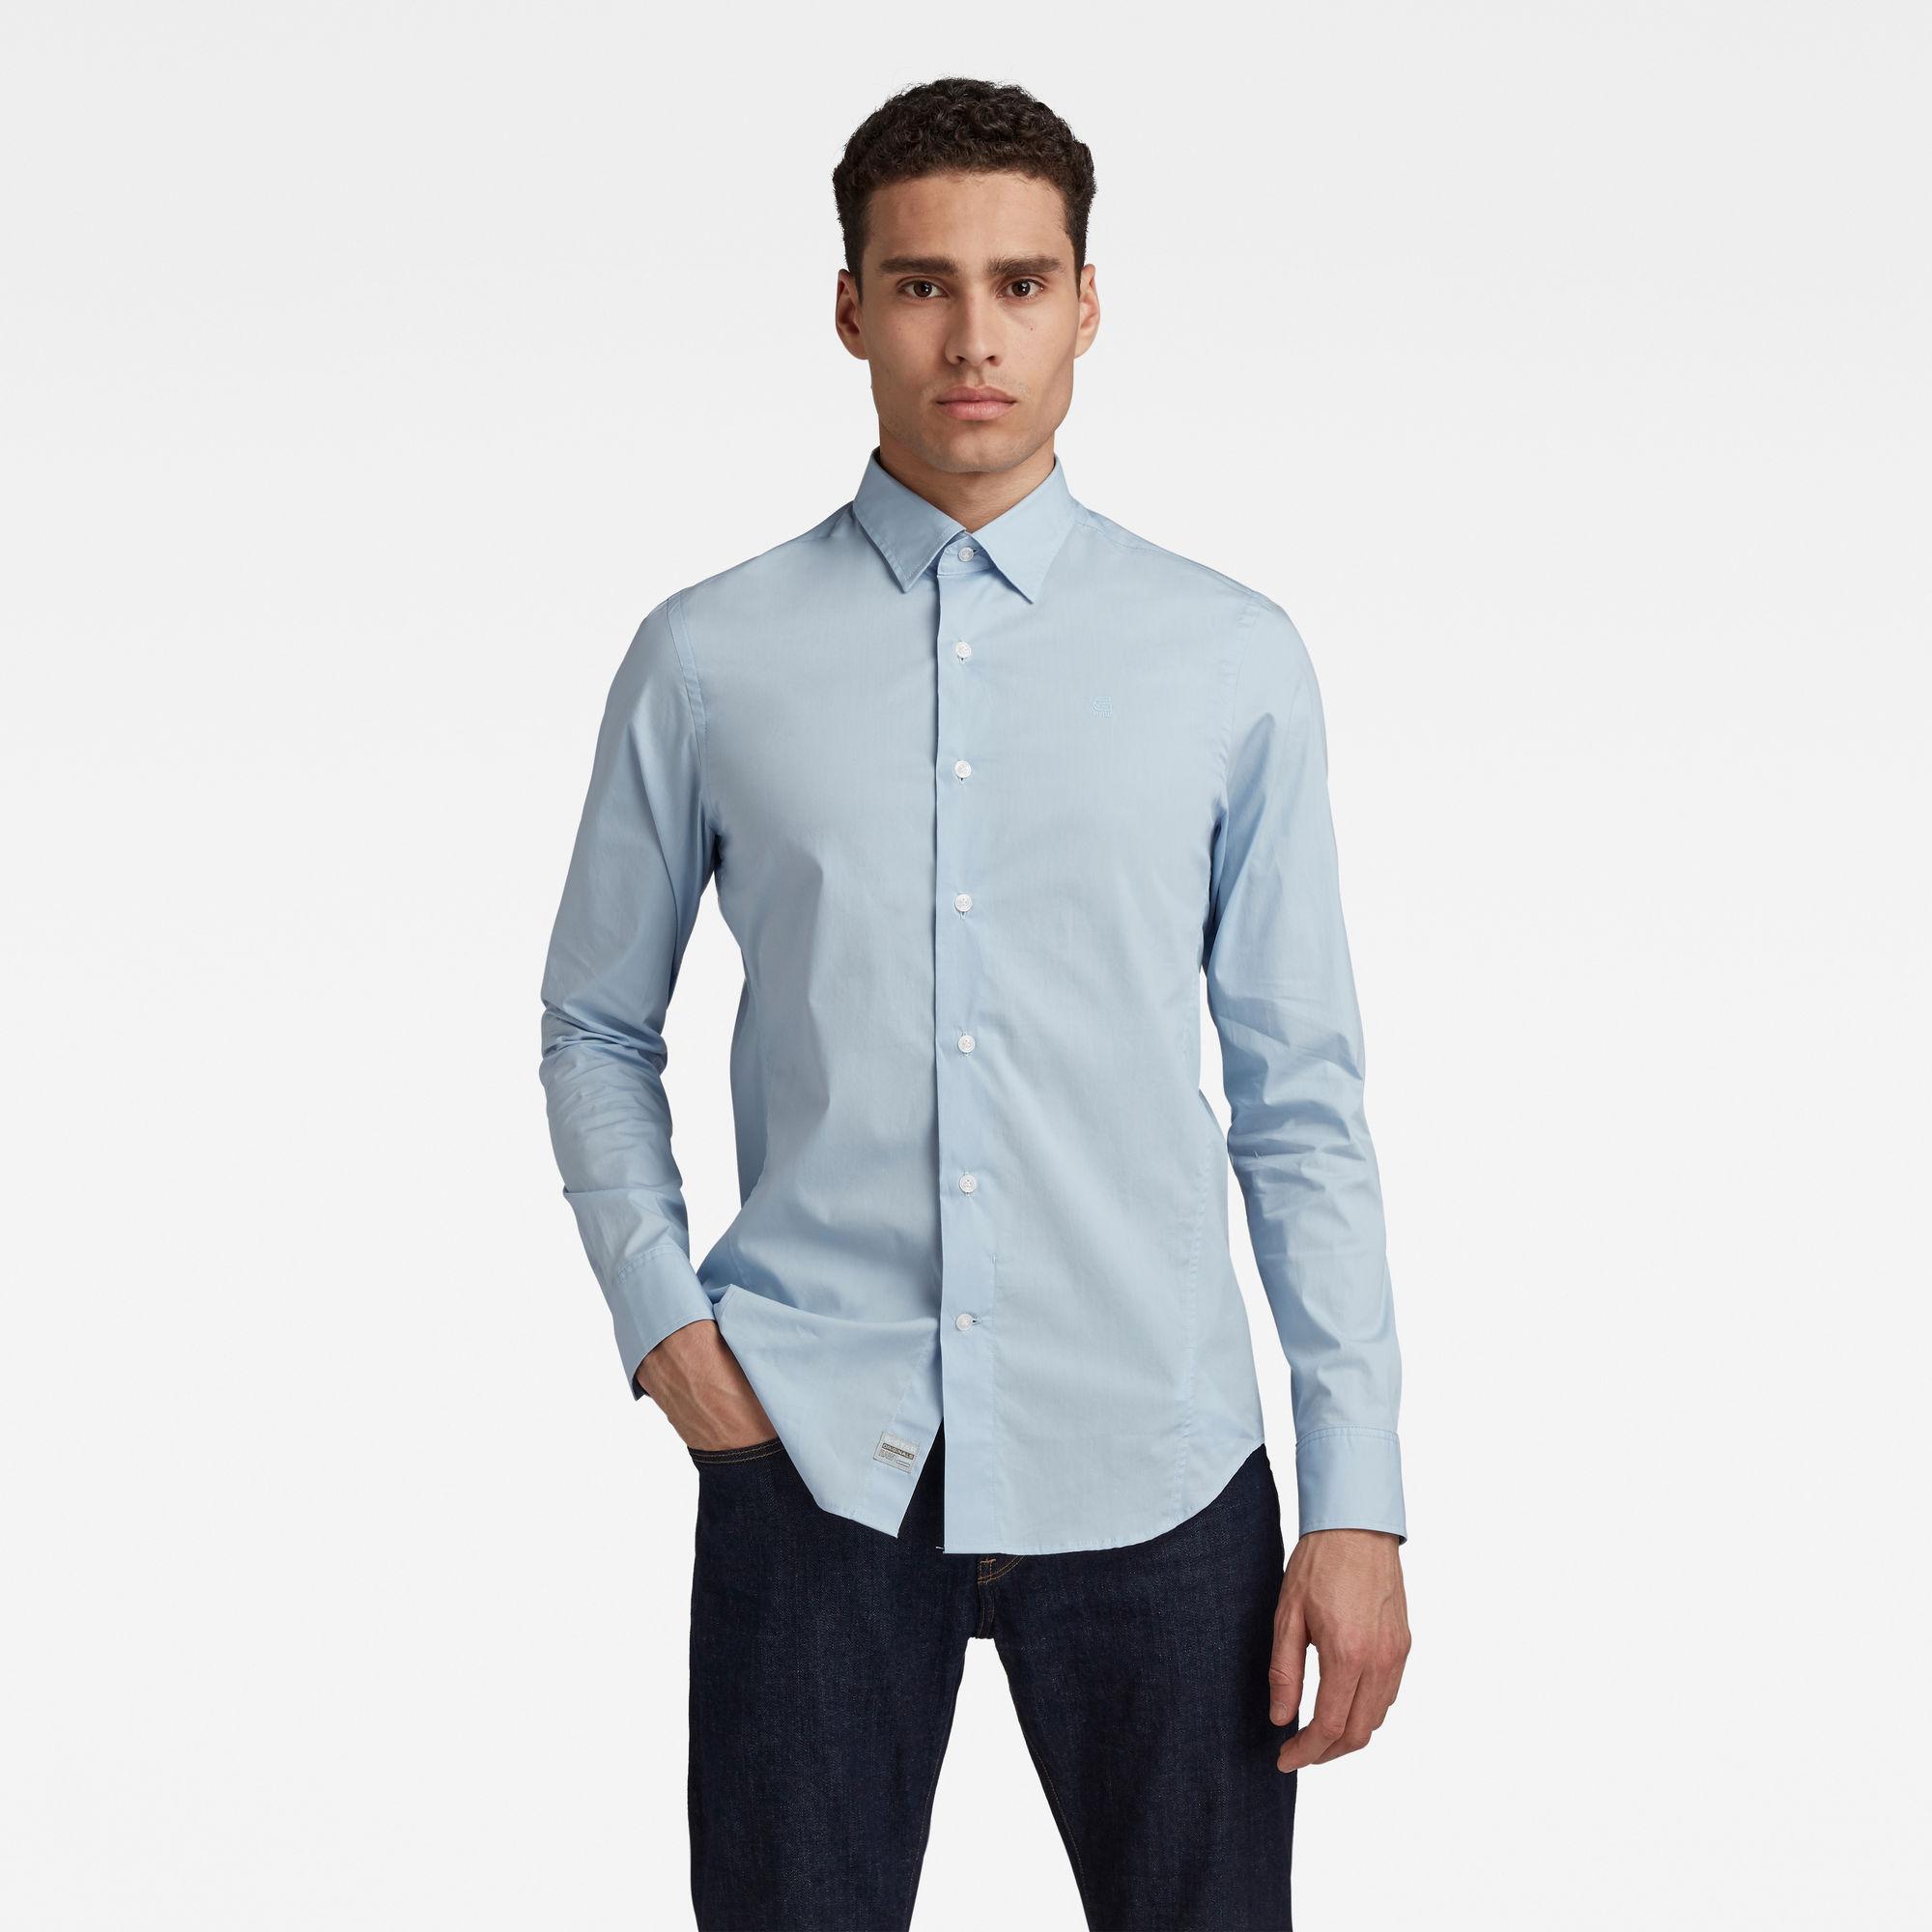 G-Star RAW Heren Dressed Super Slim Shirt Lichtblauw